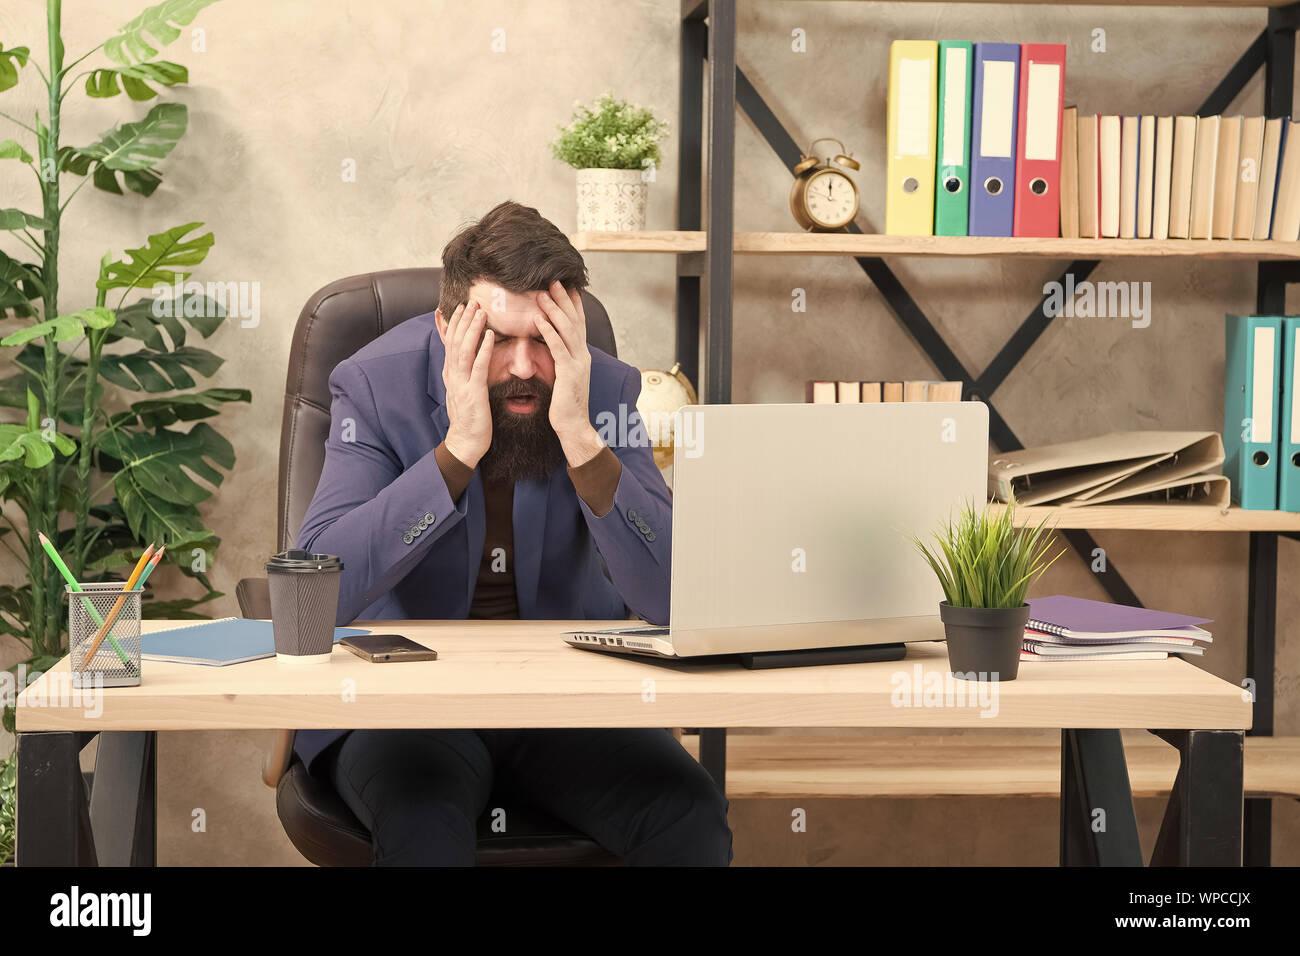 Error imperdonable. Los precios de las acciones bursátiles. El hombre barbado boss sit oficina con ordenador portátil. Manager solucionar problemas empresariales en línea. Hombre de negocios fracasado. Un negocio arriesgado. Broker y los indicadores financieros. Foto de stock